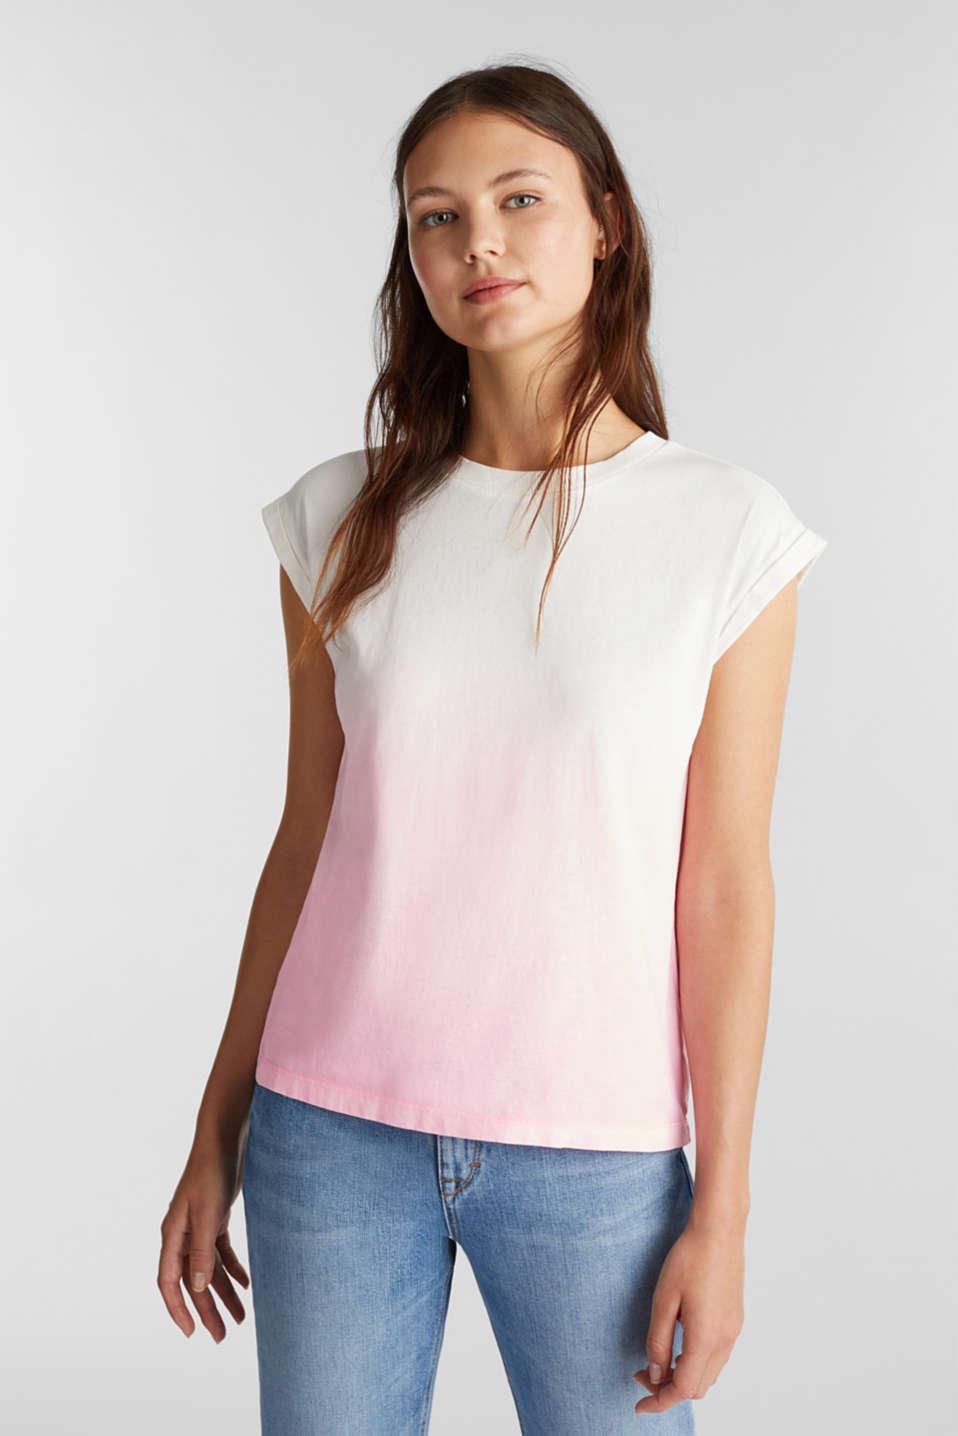 Dip-dye top, organic cotton, PINK, detail image number 0